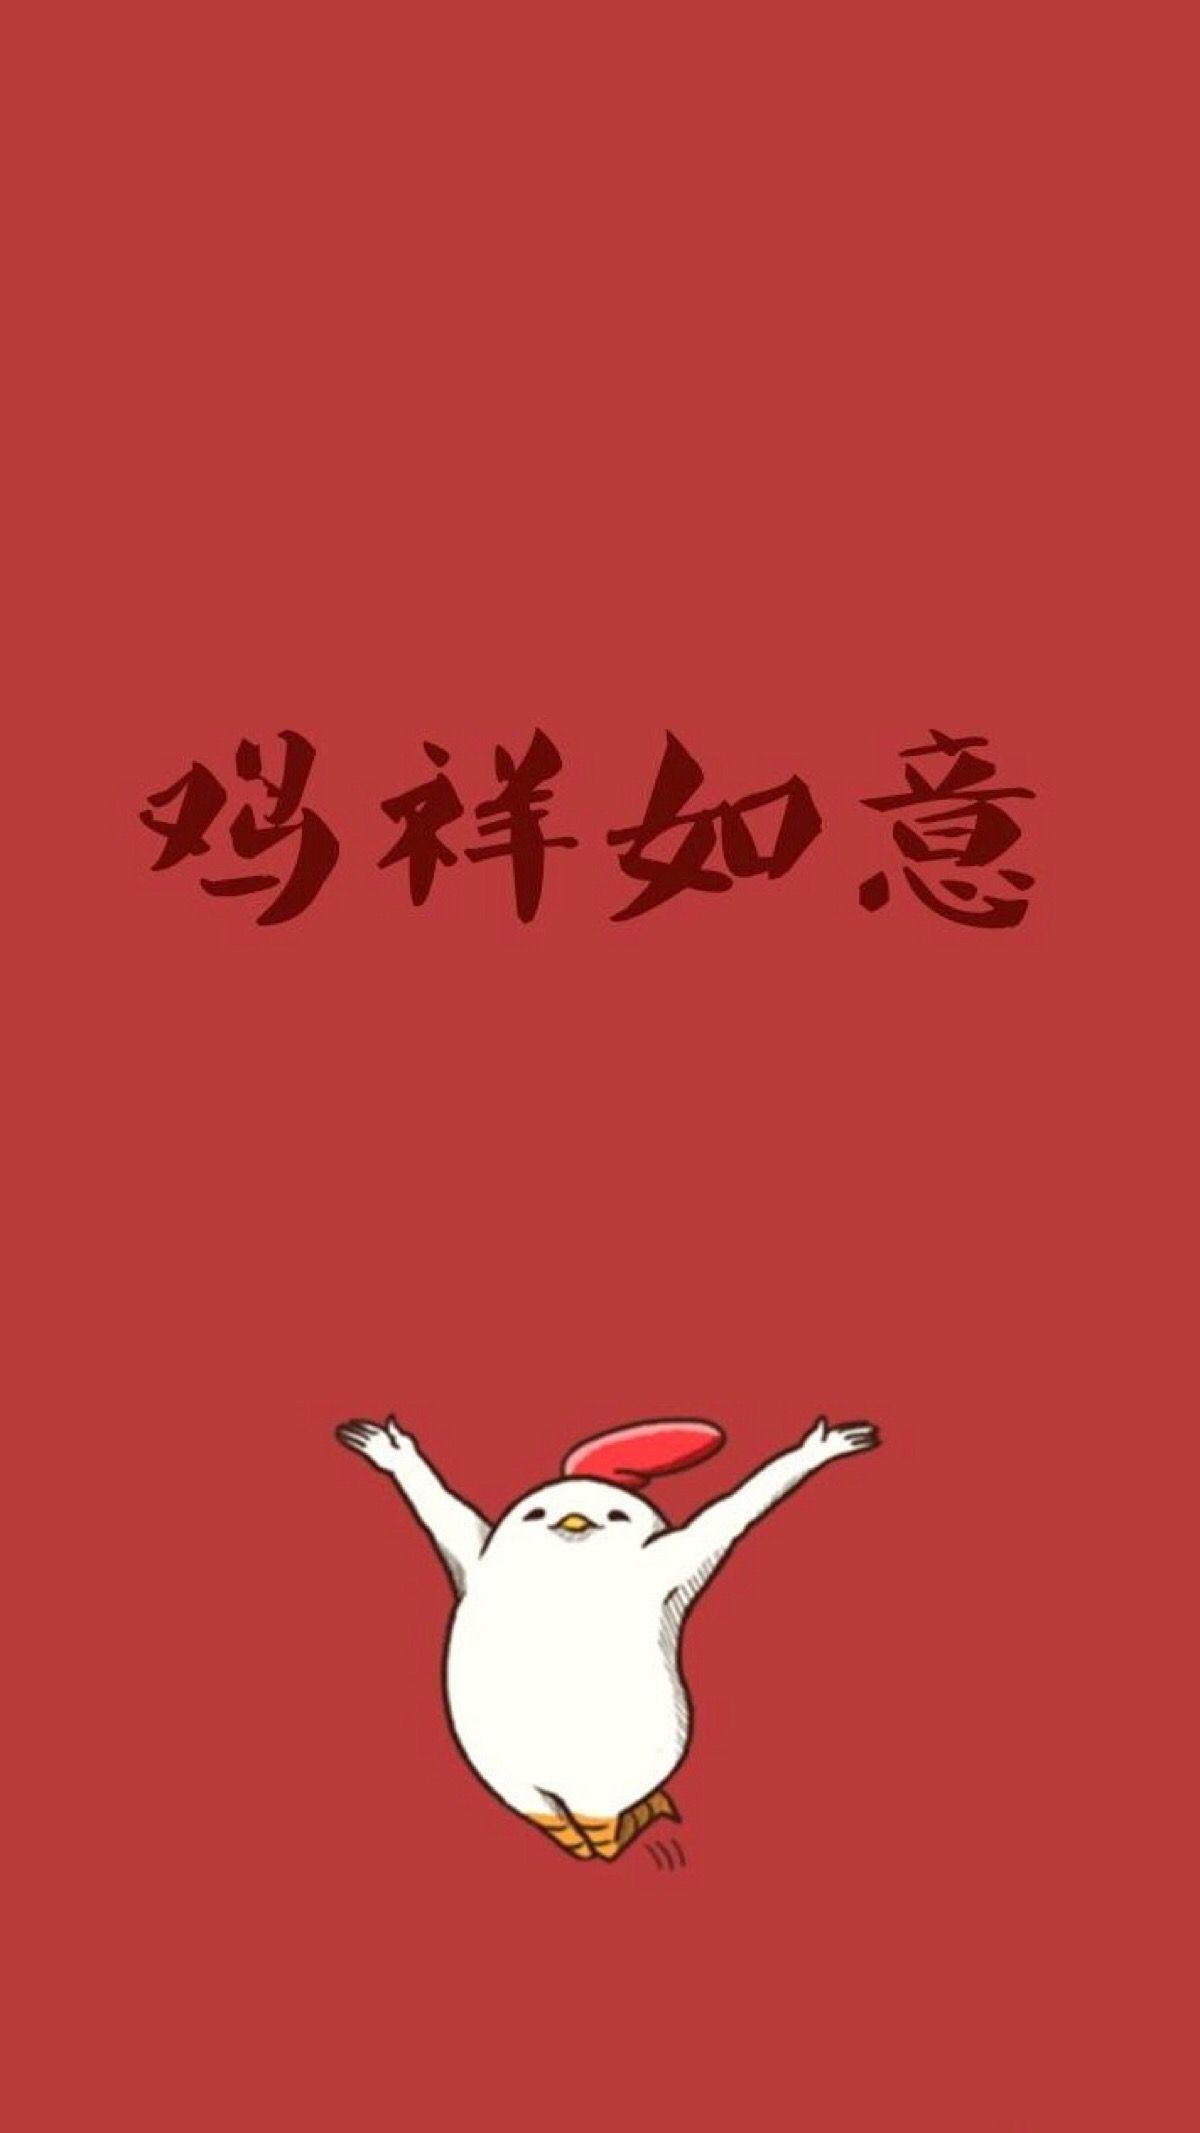 2017 新年快乐 金鸡年 新年祝福 新年图片 素材 原创壁纸  Tumblr